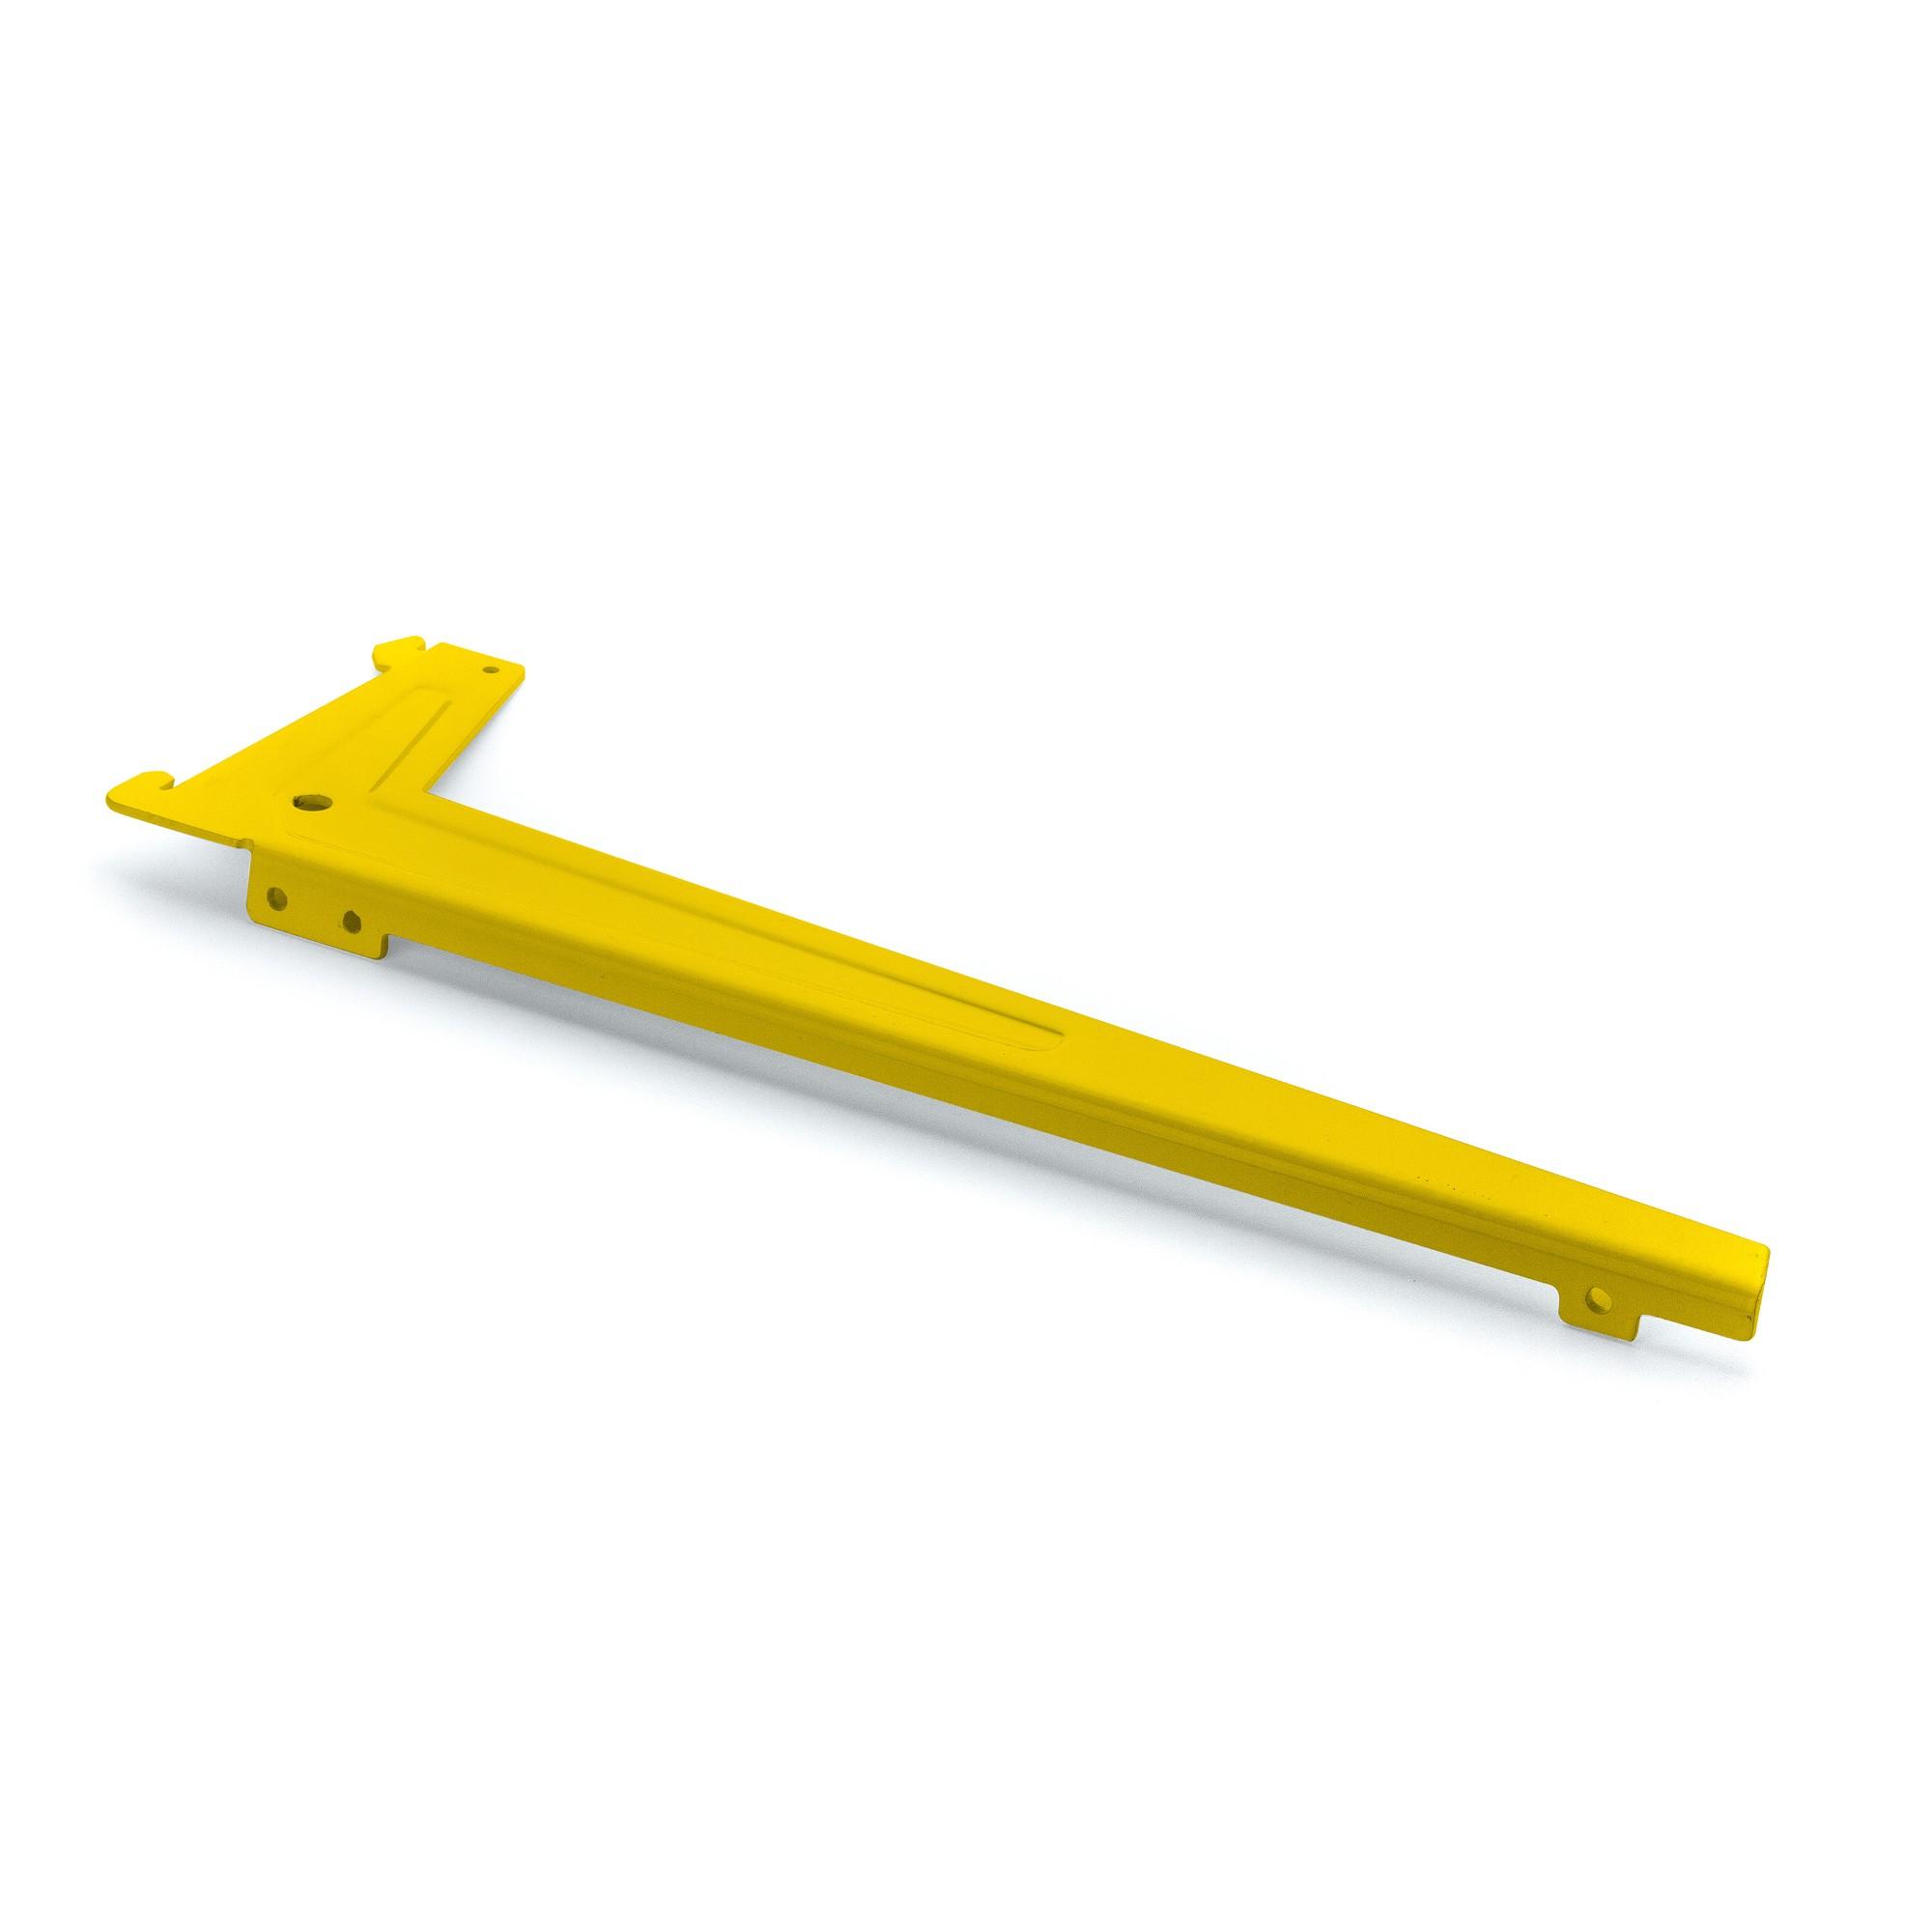 Suporte para Trilho Aco 25cm Encaixe Simples Aba Direita Amarelo - Fico